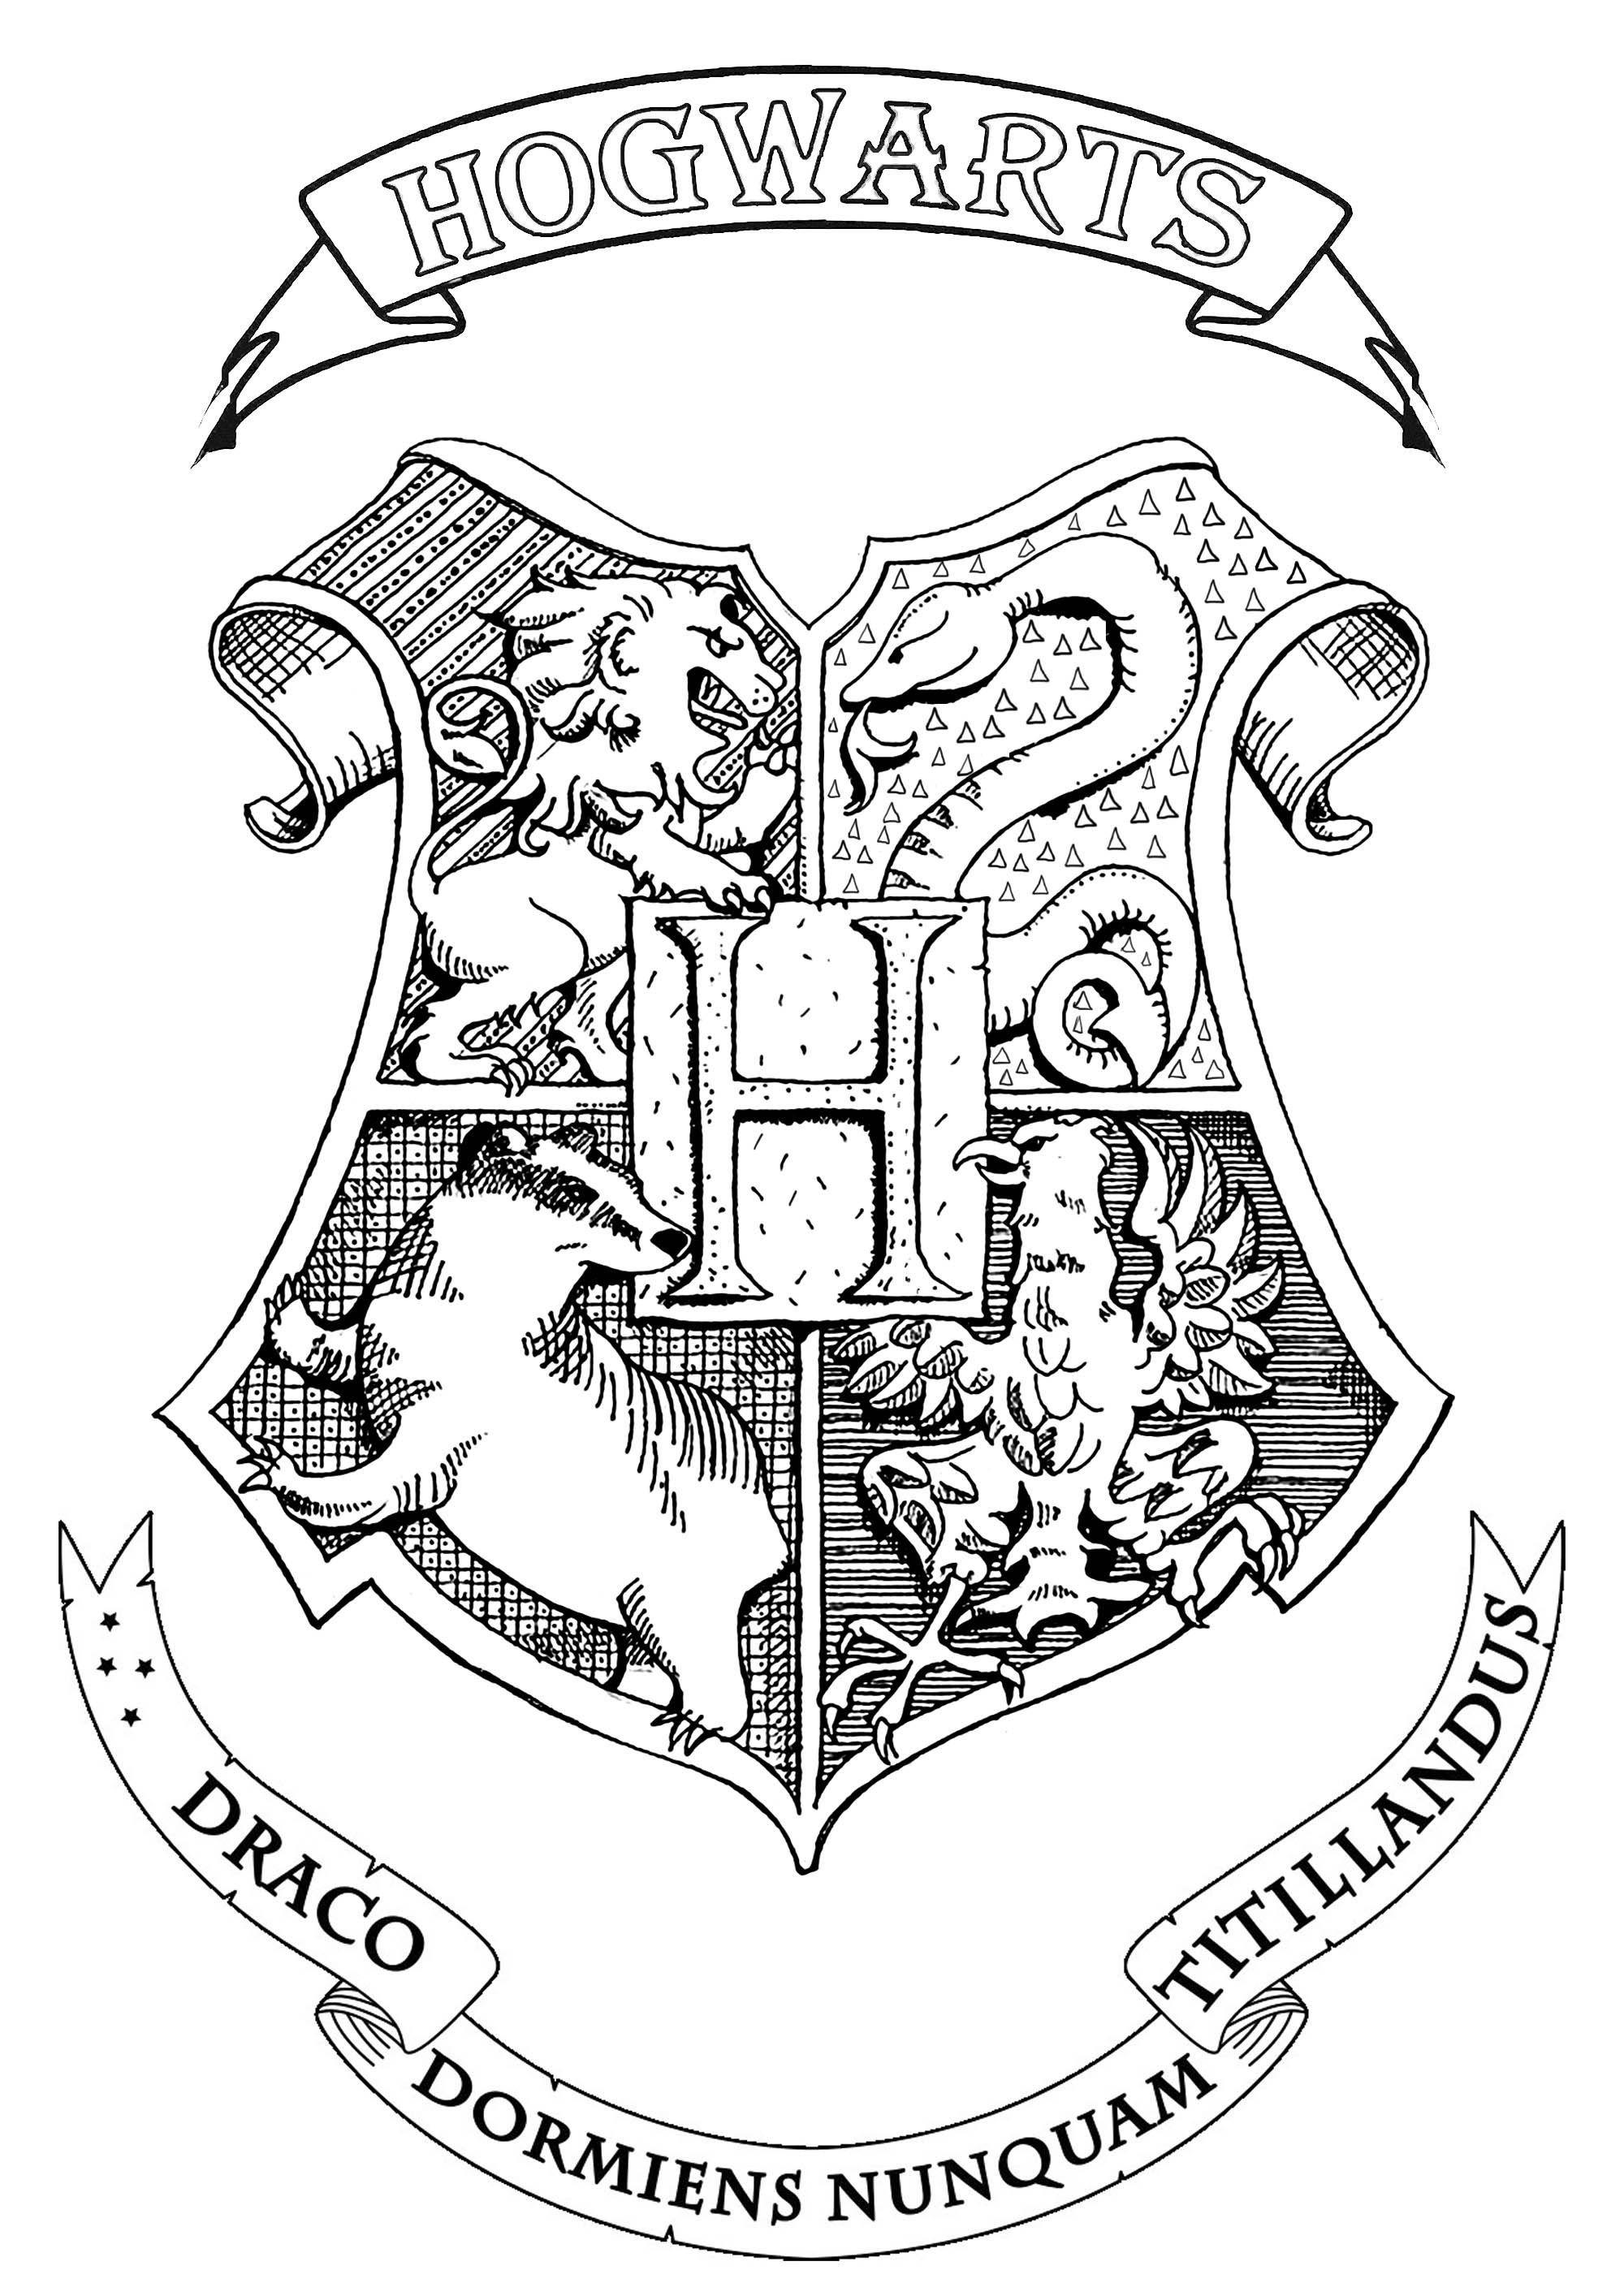 Simbolo Emblema Sello Muestra Insignia O Bandera De Hogwarts Escuela De Magia Y Hechic Harry Potter Colors Harry Potter Coloring Book Harry Potter Symbols